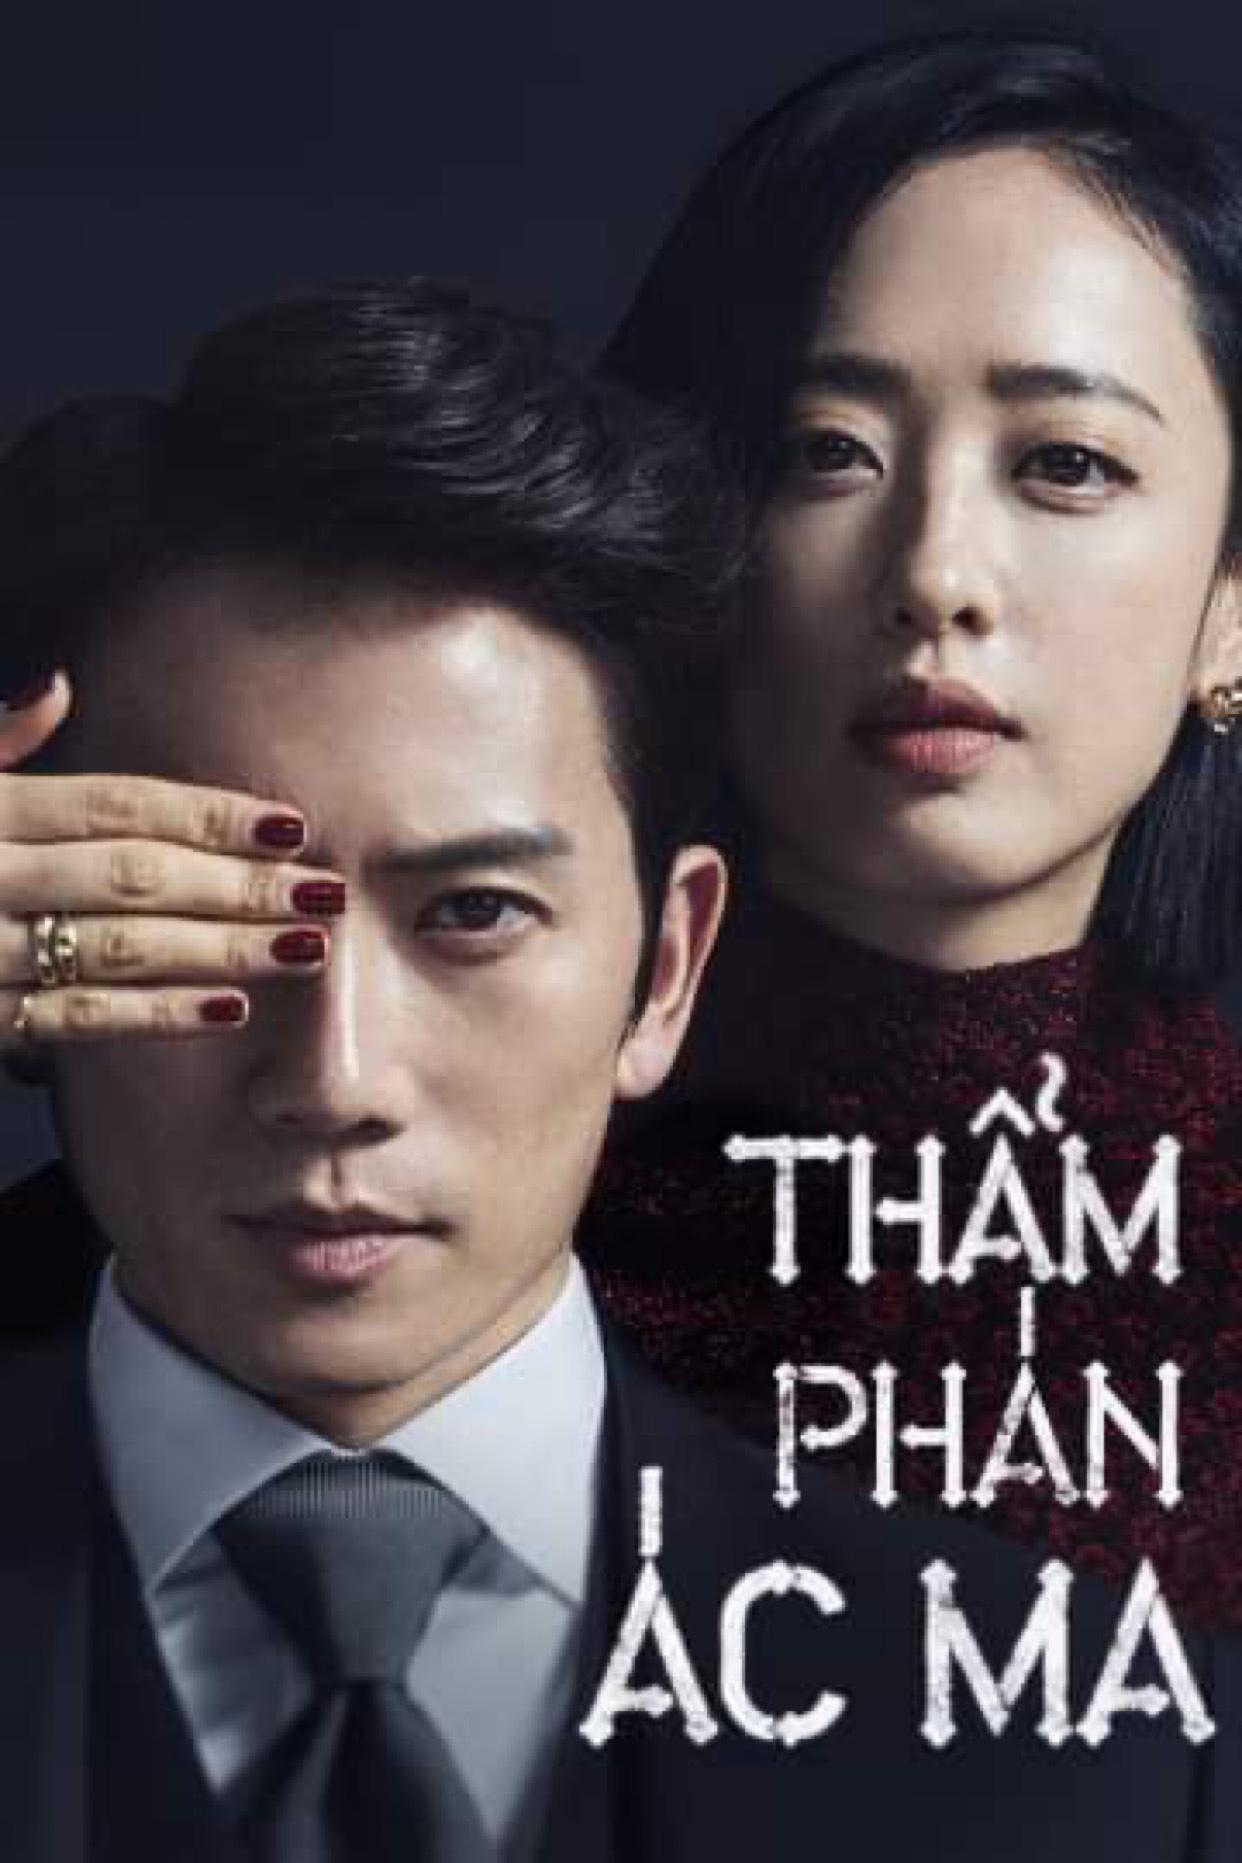 Nỗi Vương Vấn Của Hạ Tiên Sinh: Bộ phim tình cảm hot hit bậc nhất đang khiến fan đứng ngồi không yên - Ảnh 4.